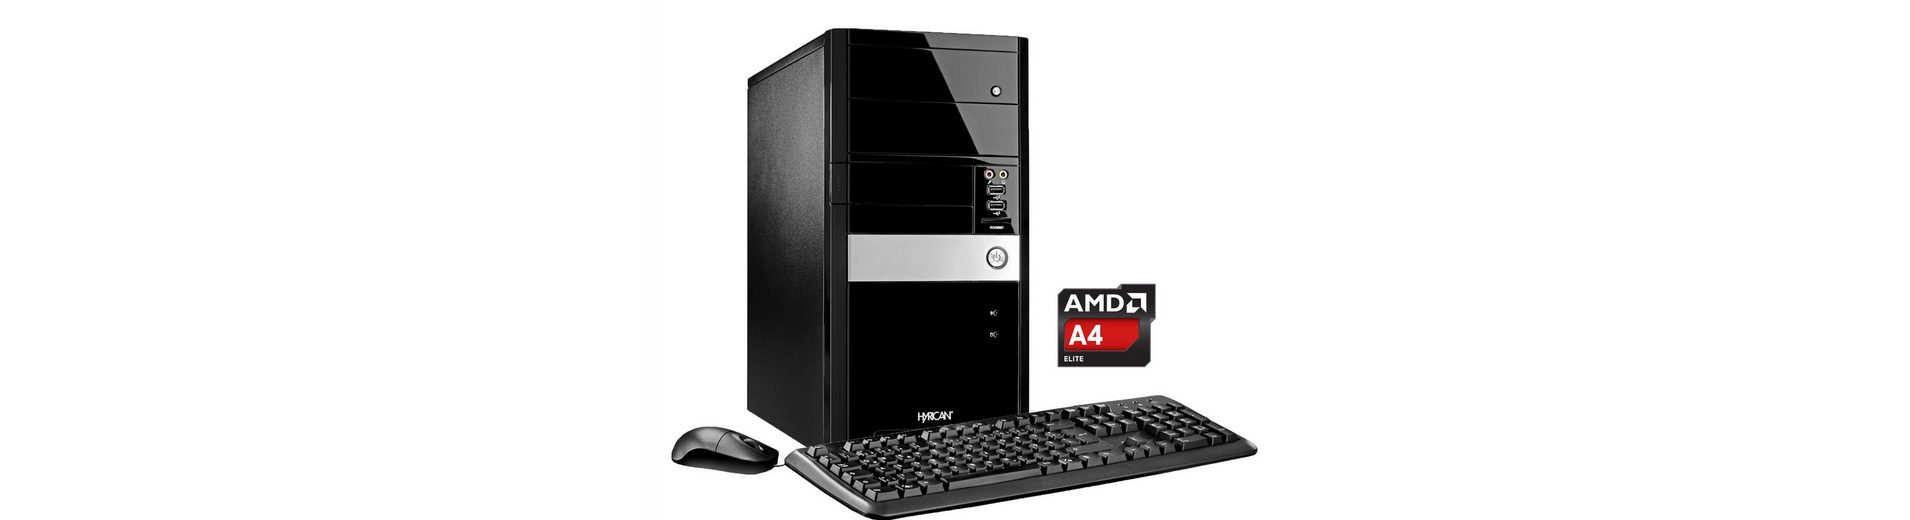 Hyrican PC AMD A4-7300, 8GB, 1TB, Microsoft® Office , W10 »Gigabyte Edition PC 5306«